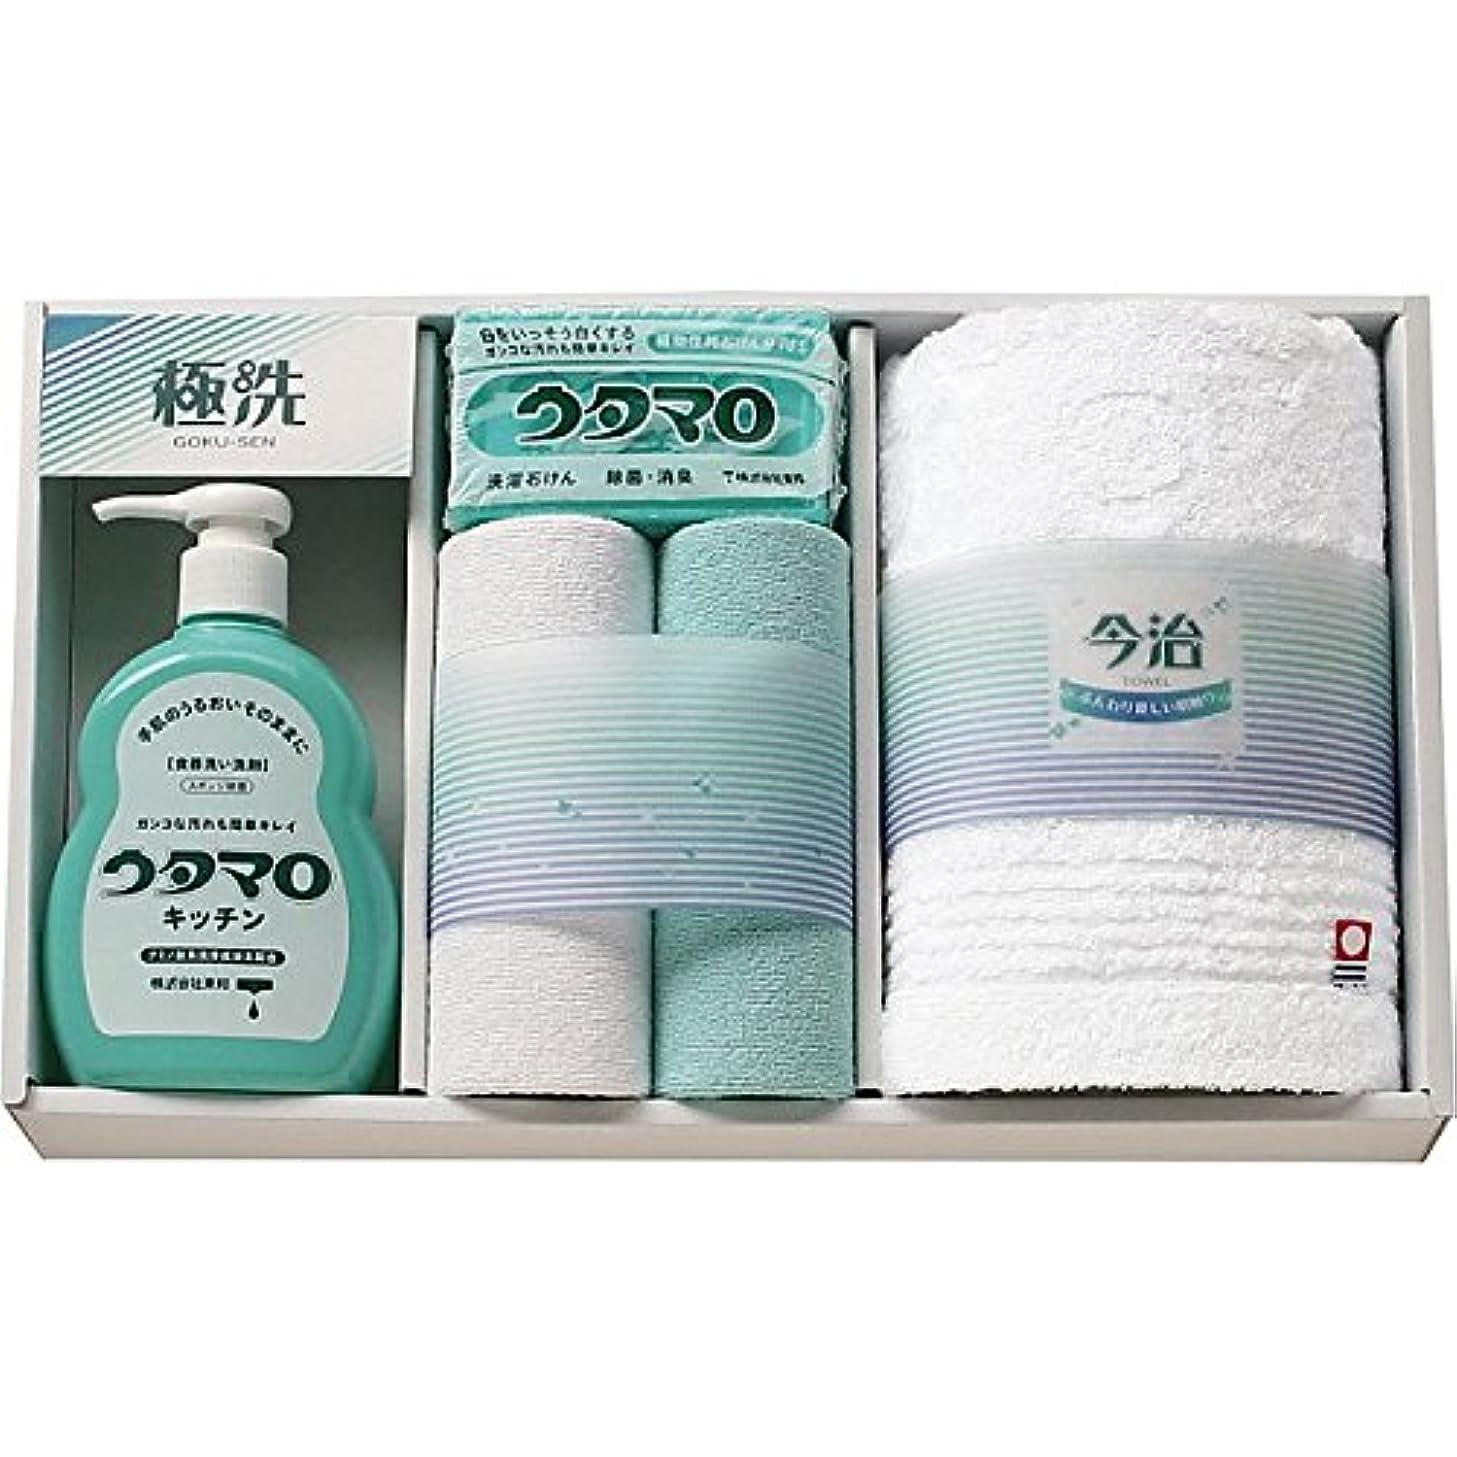 コスト構成ホバート(ウタマロ) 石鹸?キッチン洗剤ギフト (835-1055r)